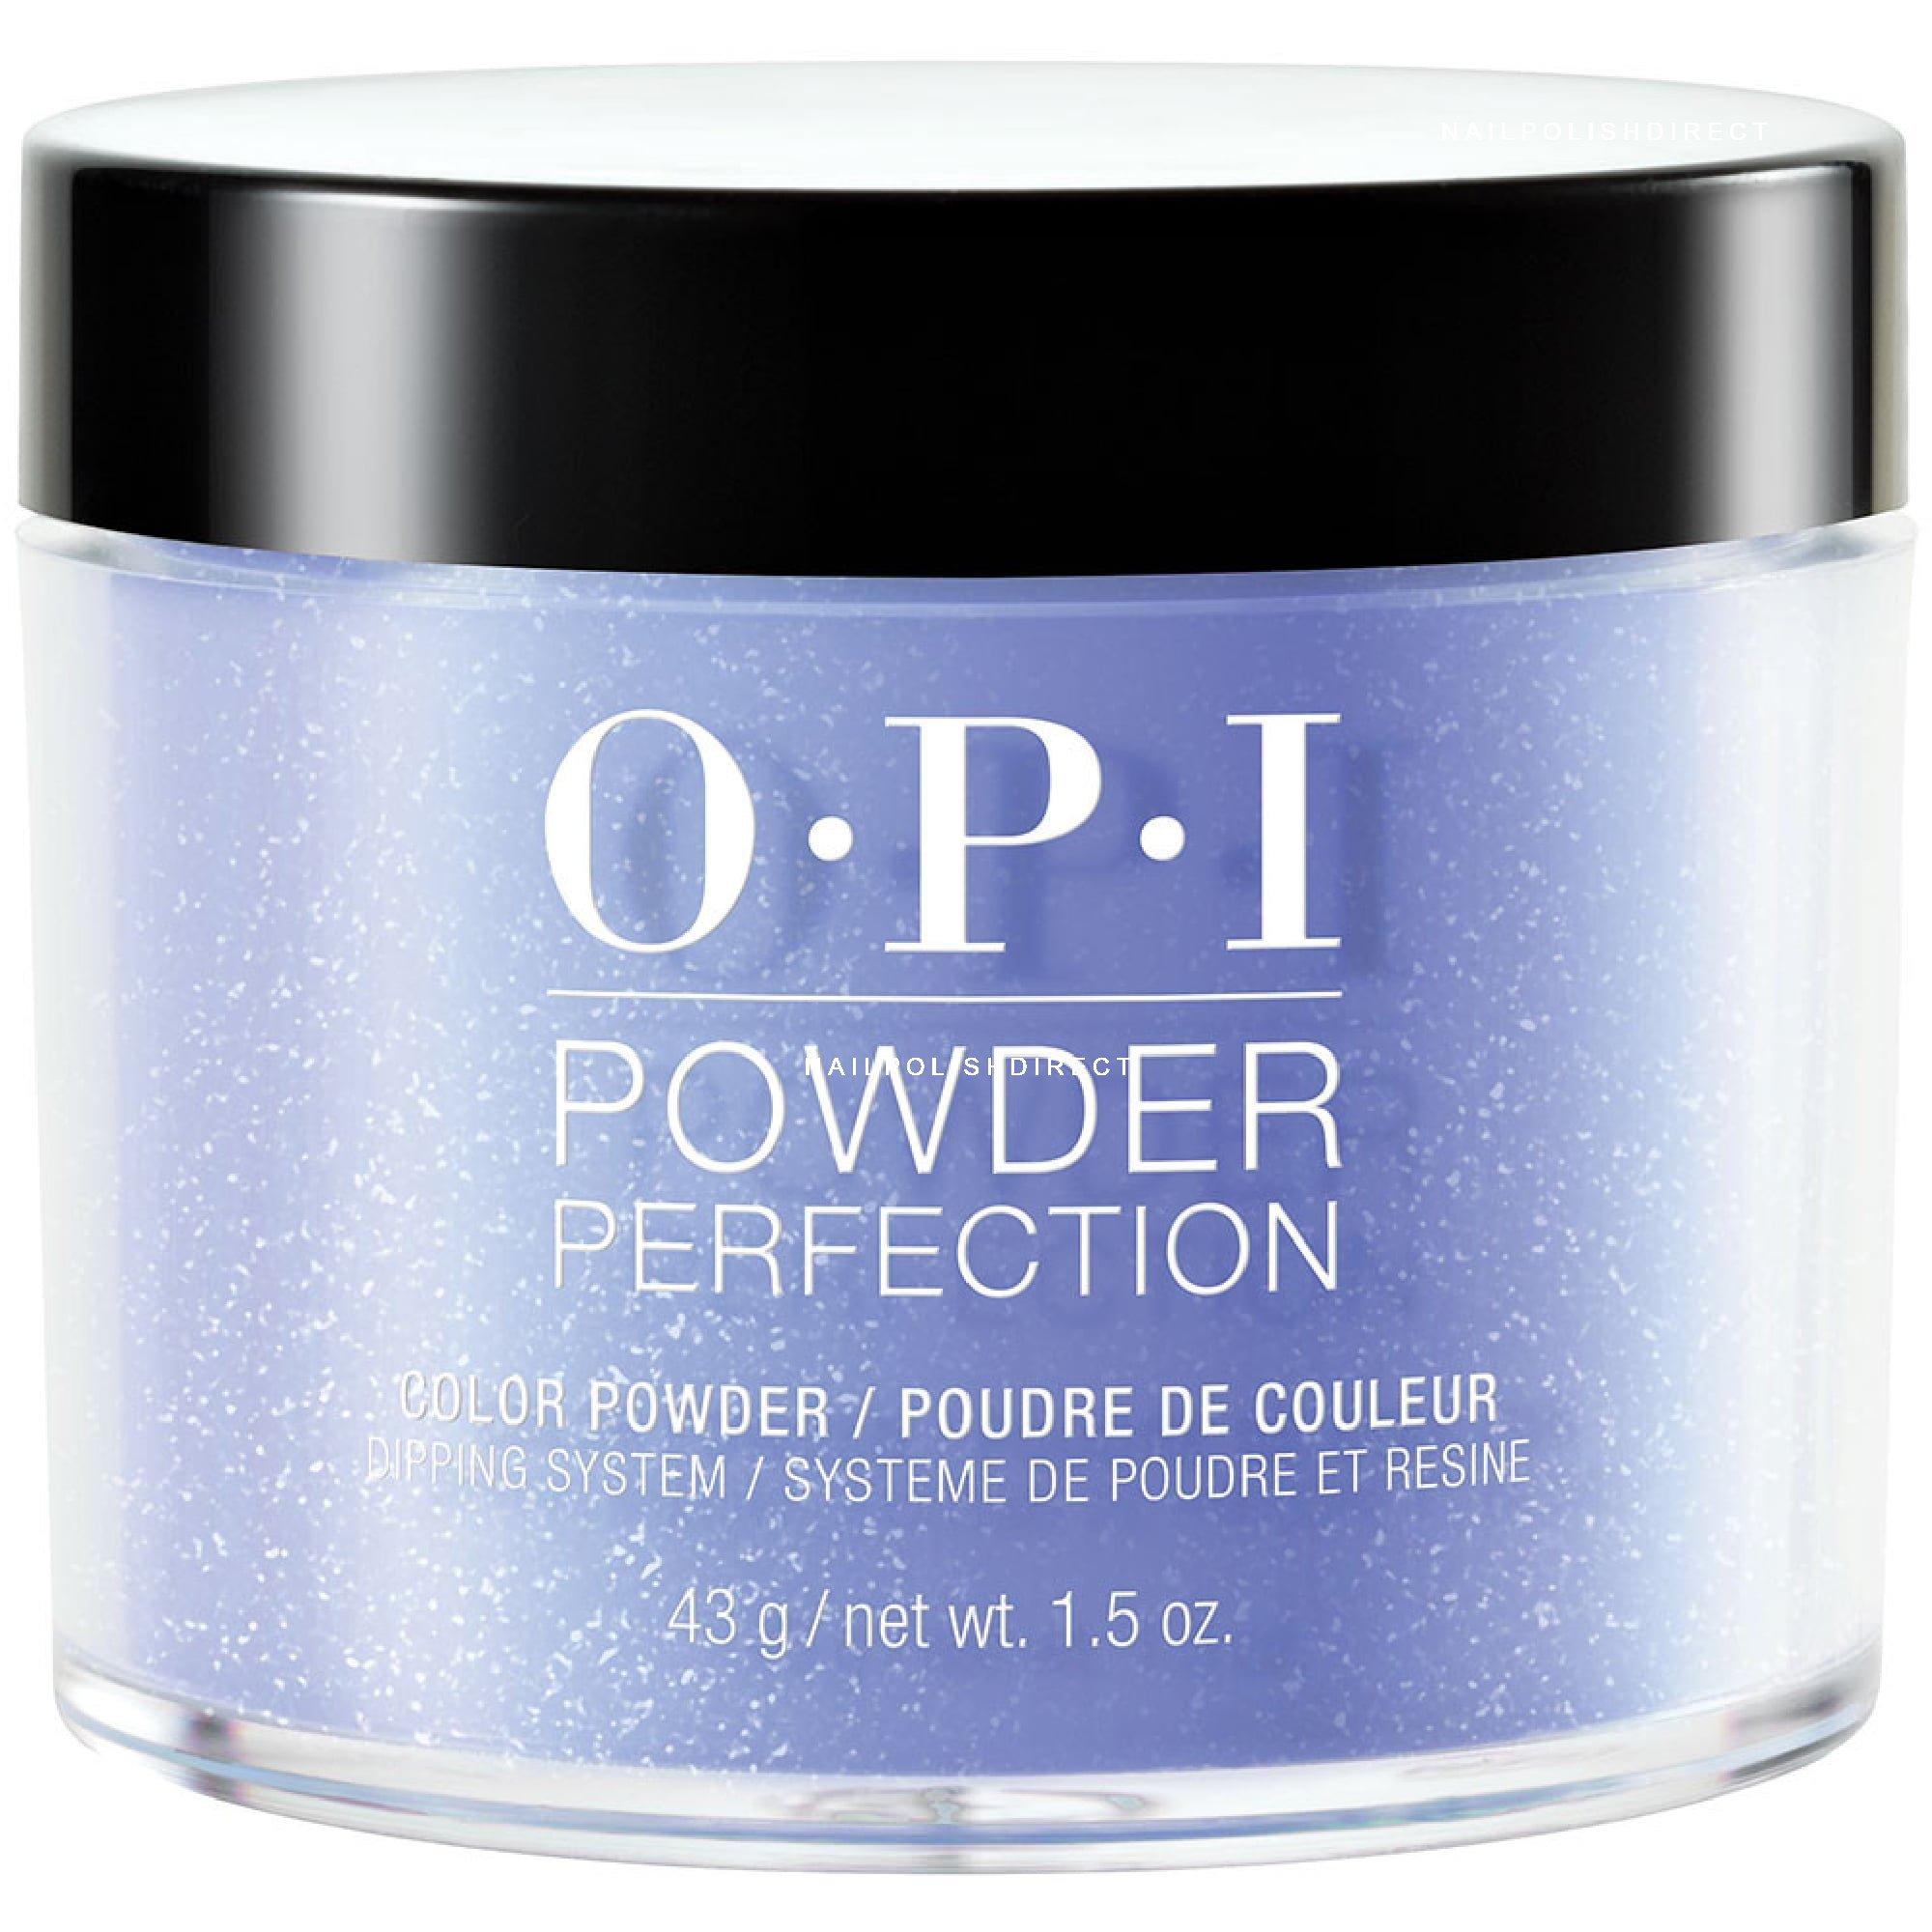 Opi Powder Nail Polish Kit: Show Us Your Tips! (DP N62) 43g